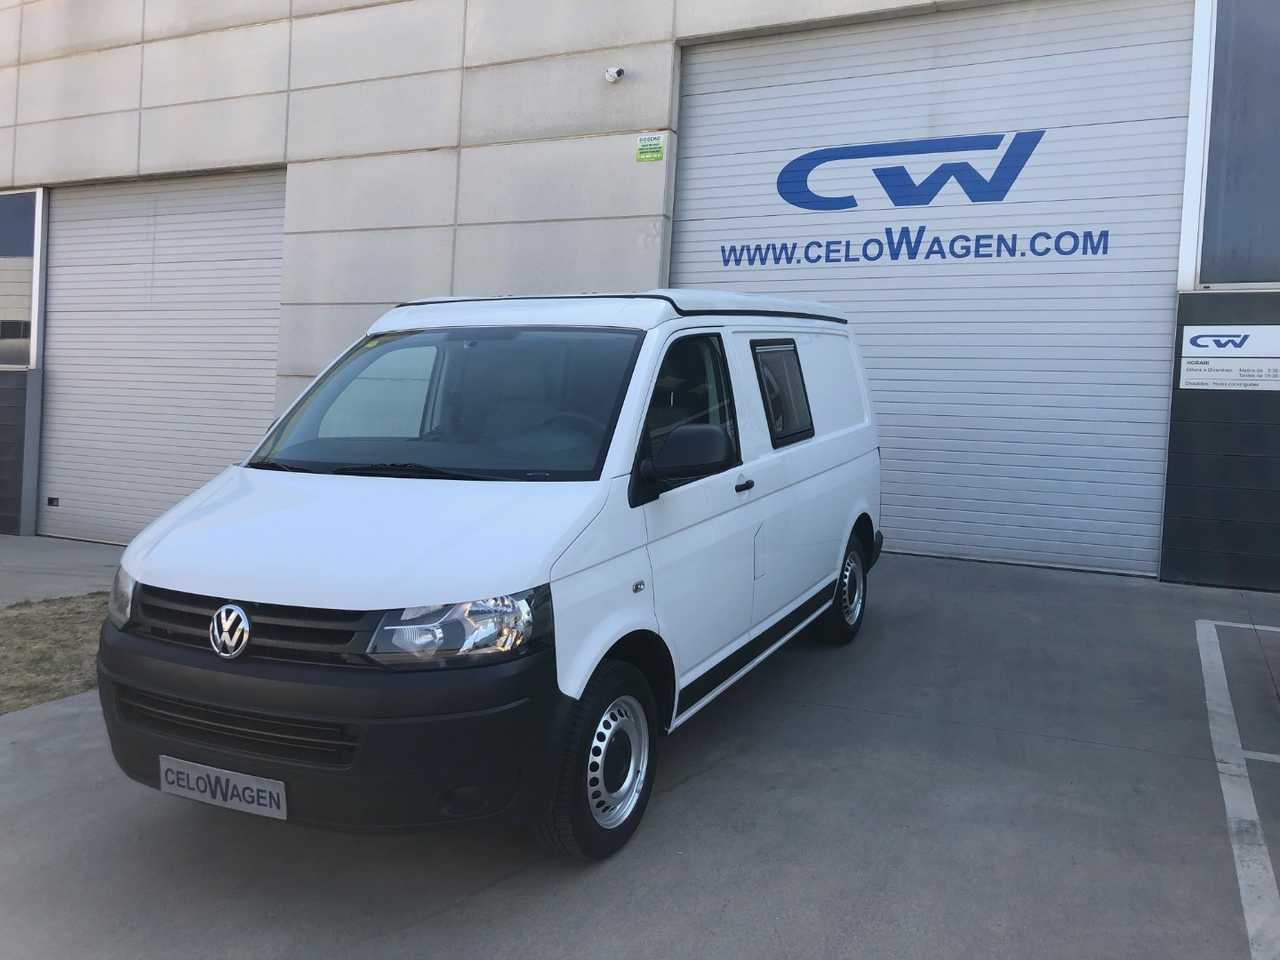 Volkswagen Transporter T5  2.0 TDI 102cv   - Foto 1